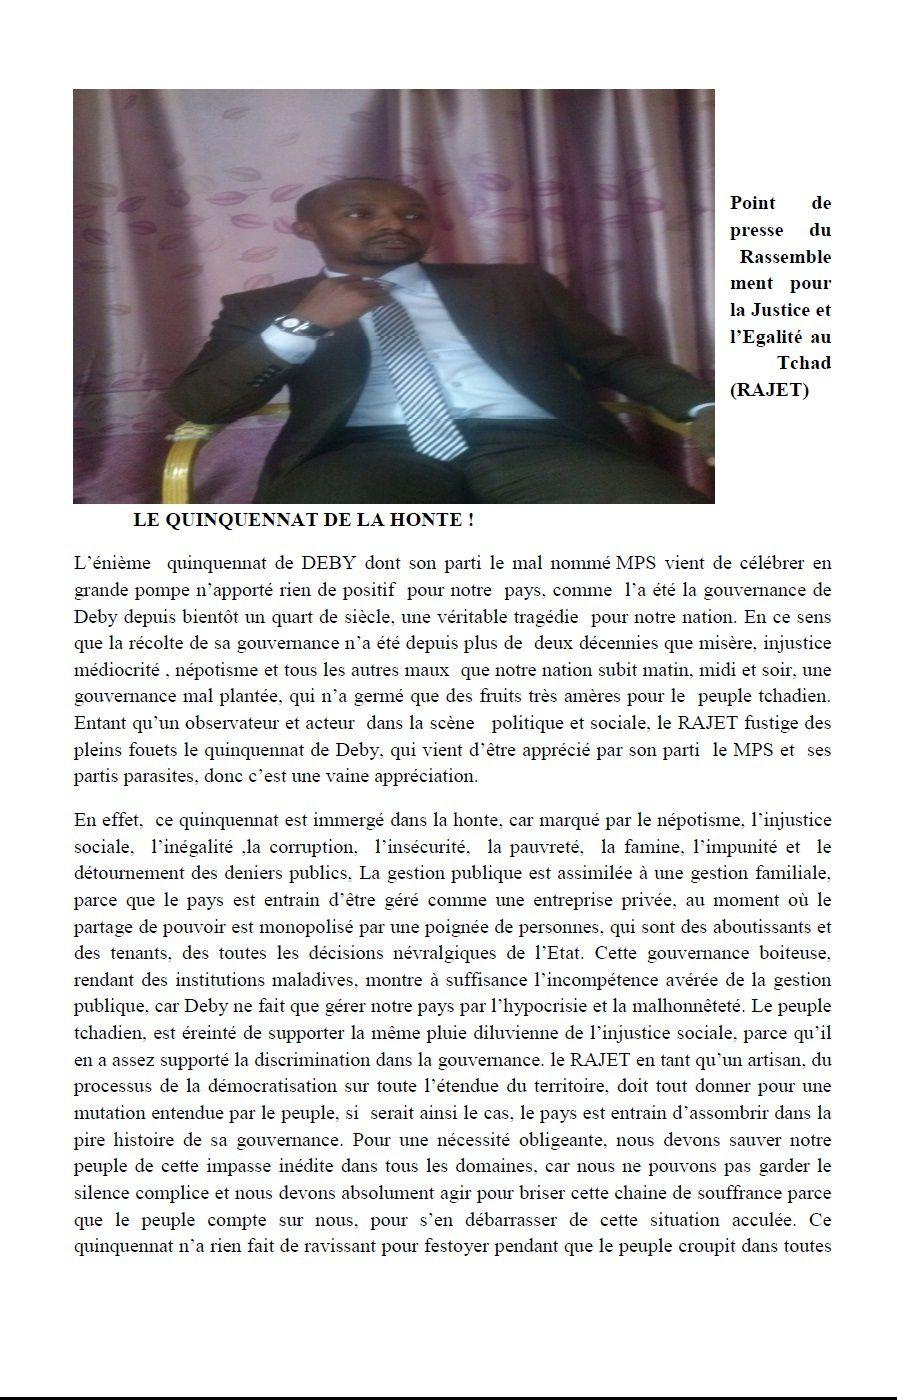 Point de presse du leader de Rassemblement pour la Justice et l'Egalité au Tchad (RAJET)